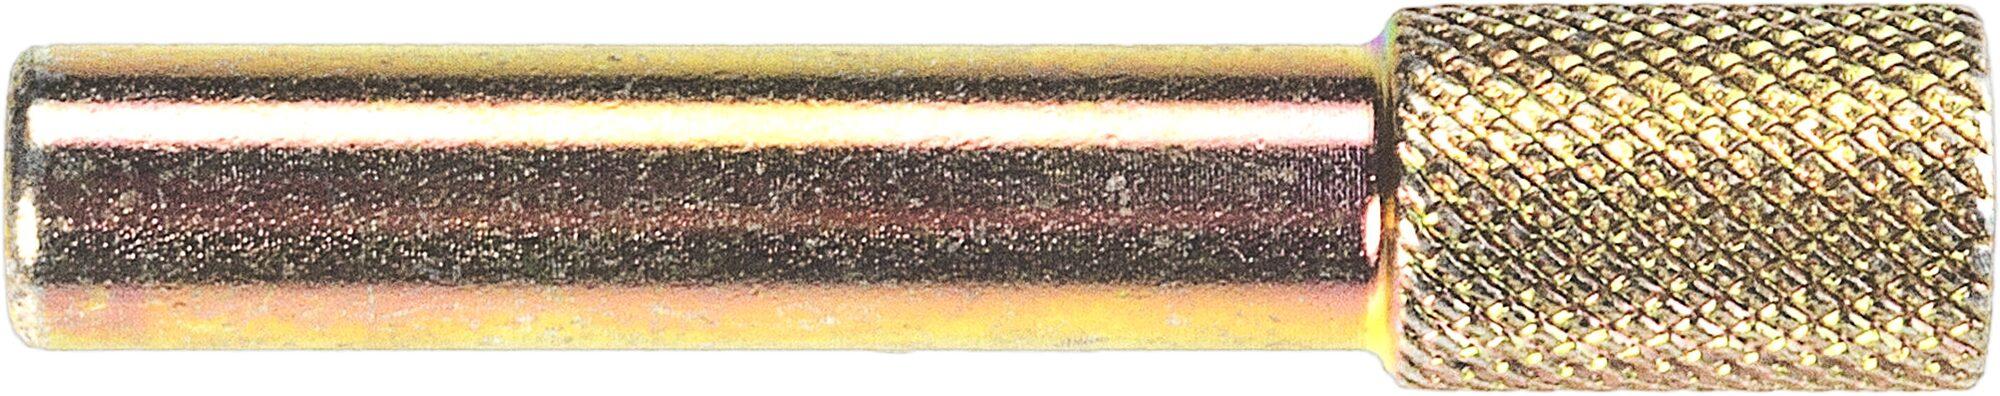 HAZET Arretier-Stift 3788-27